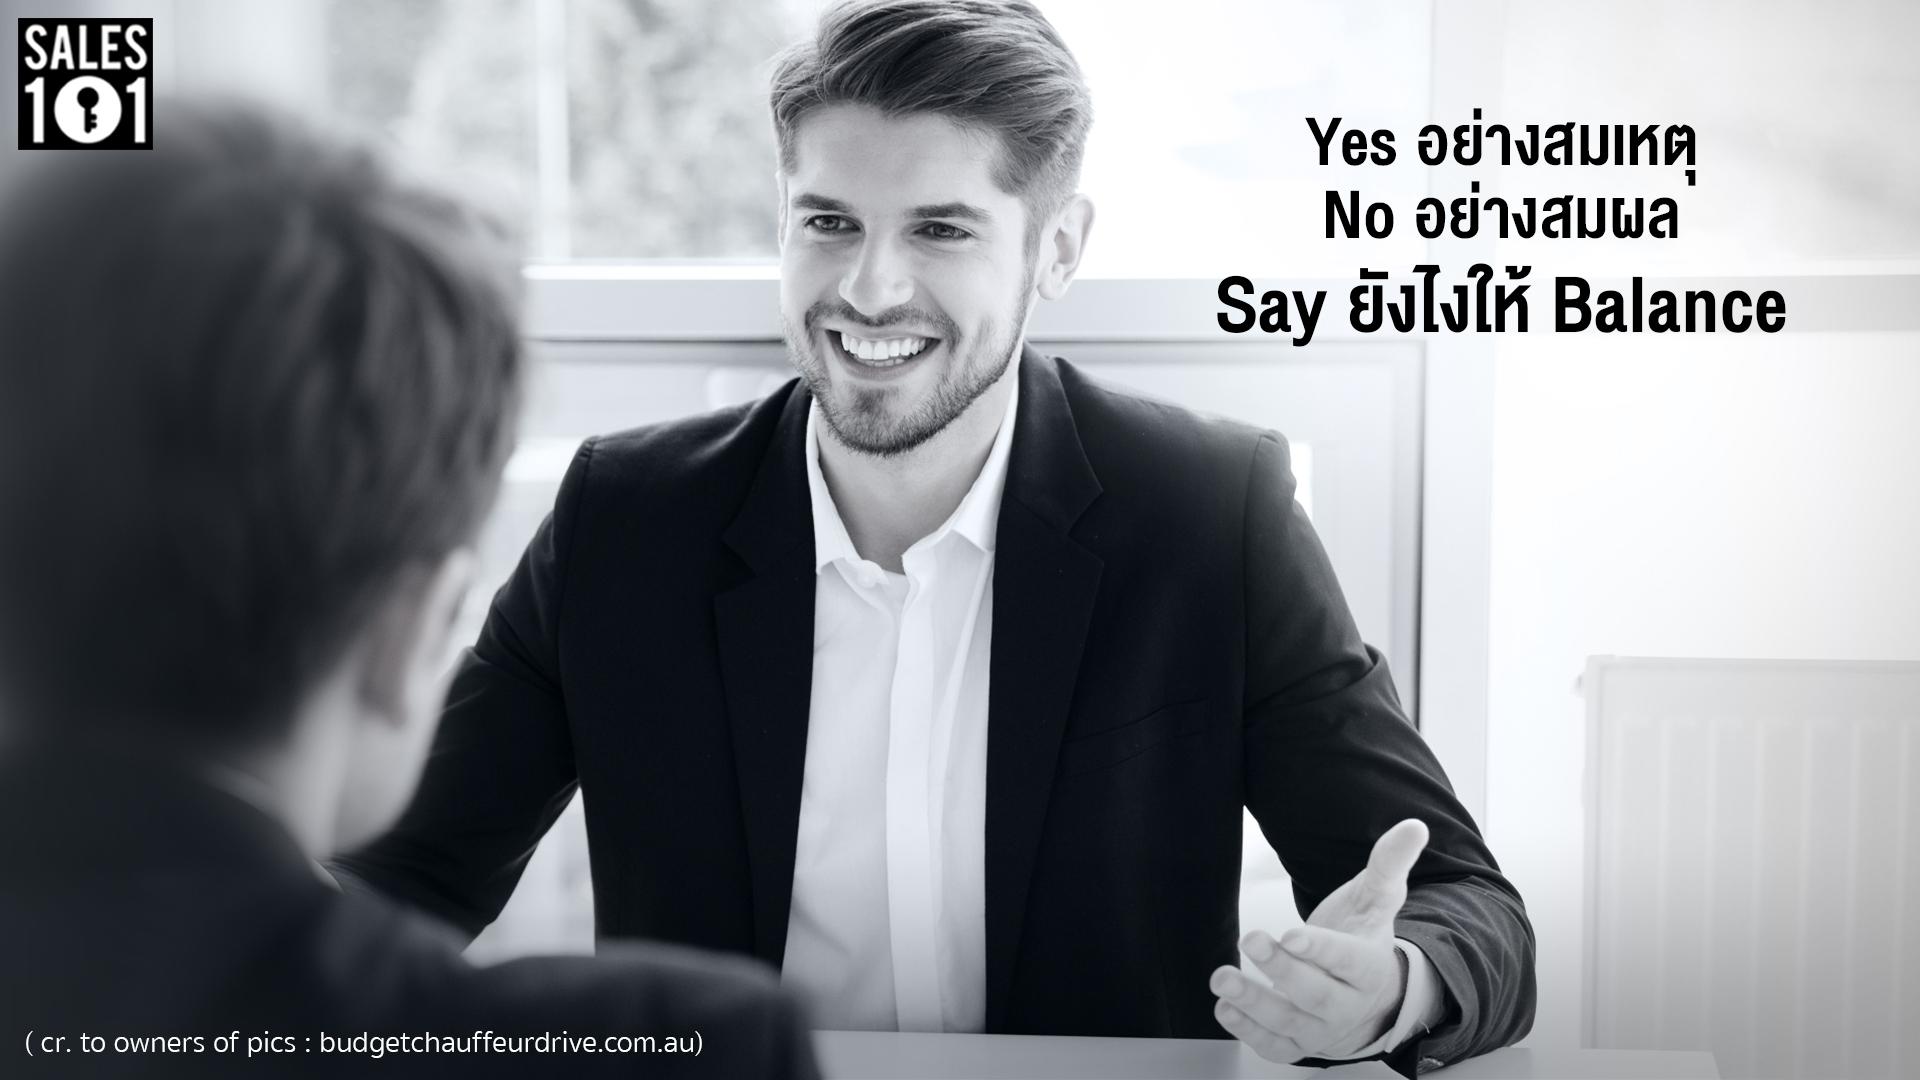 เรียนรู้ในการ Say Yes และ Say No